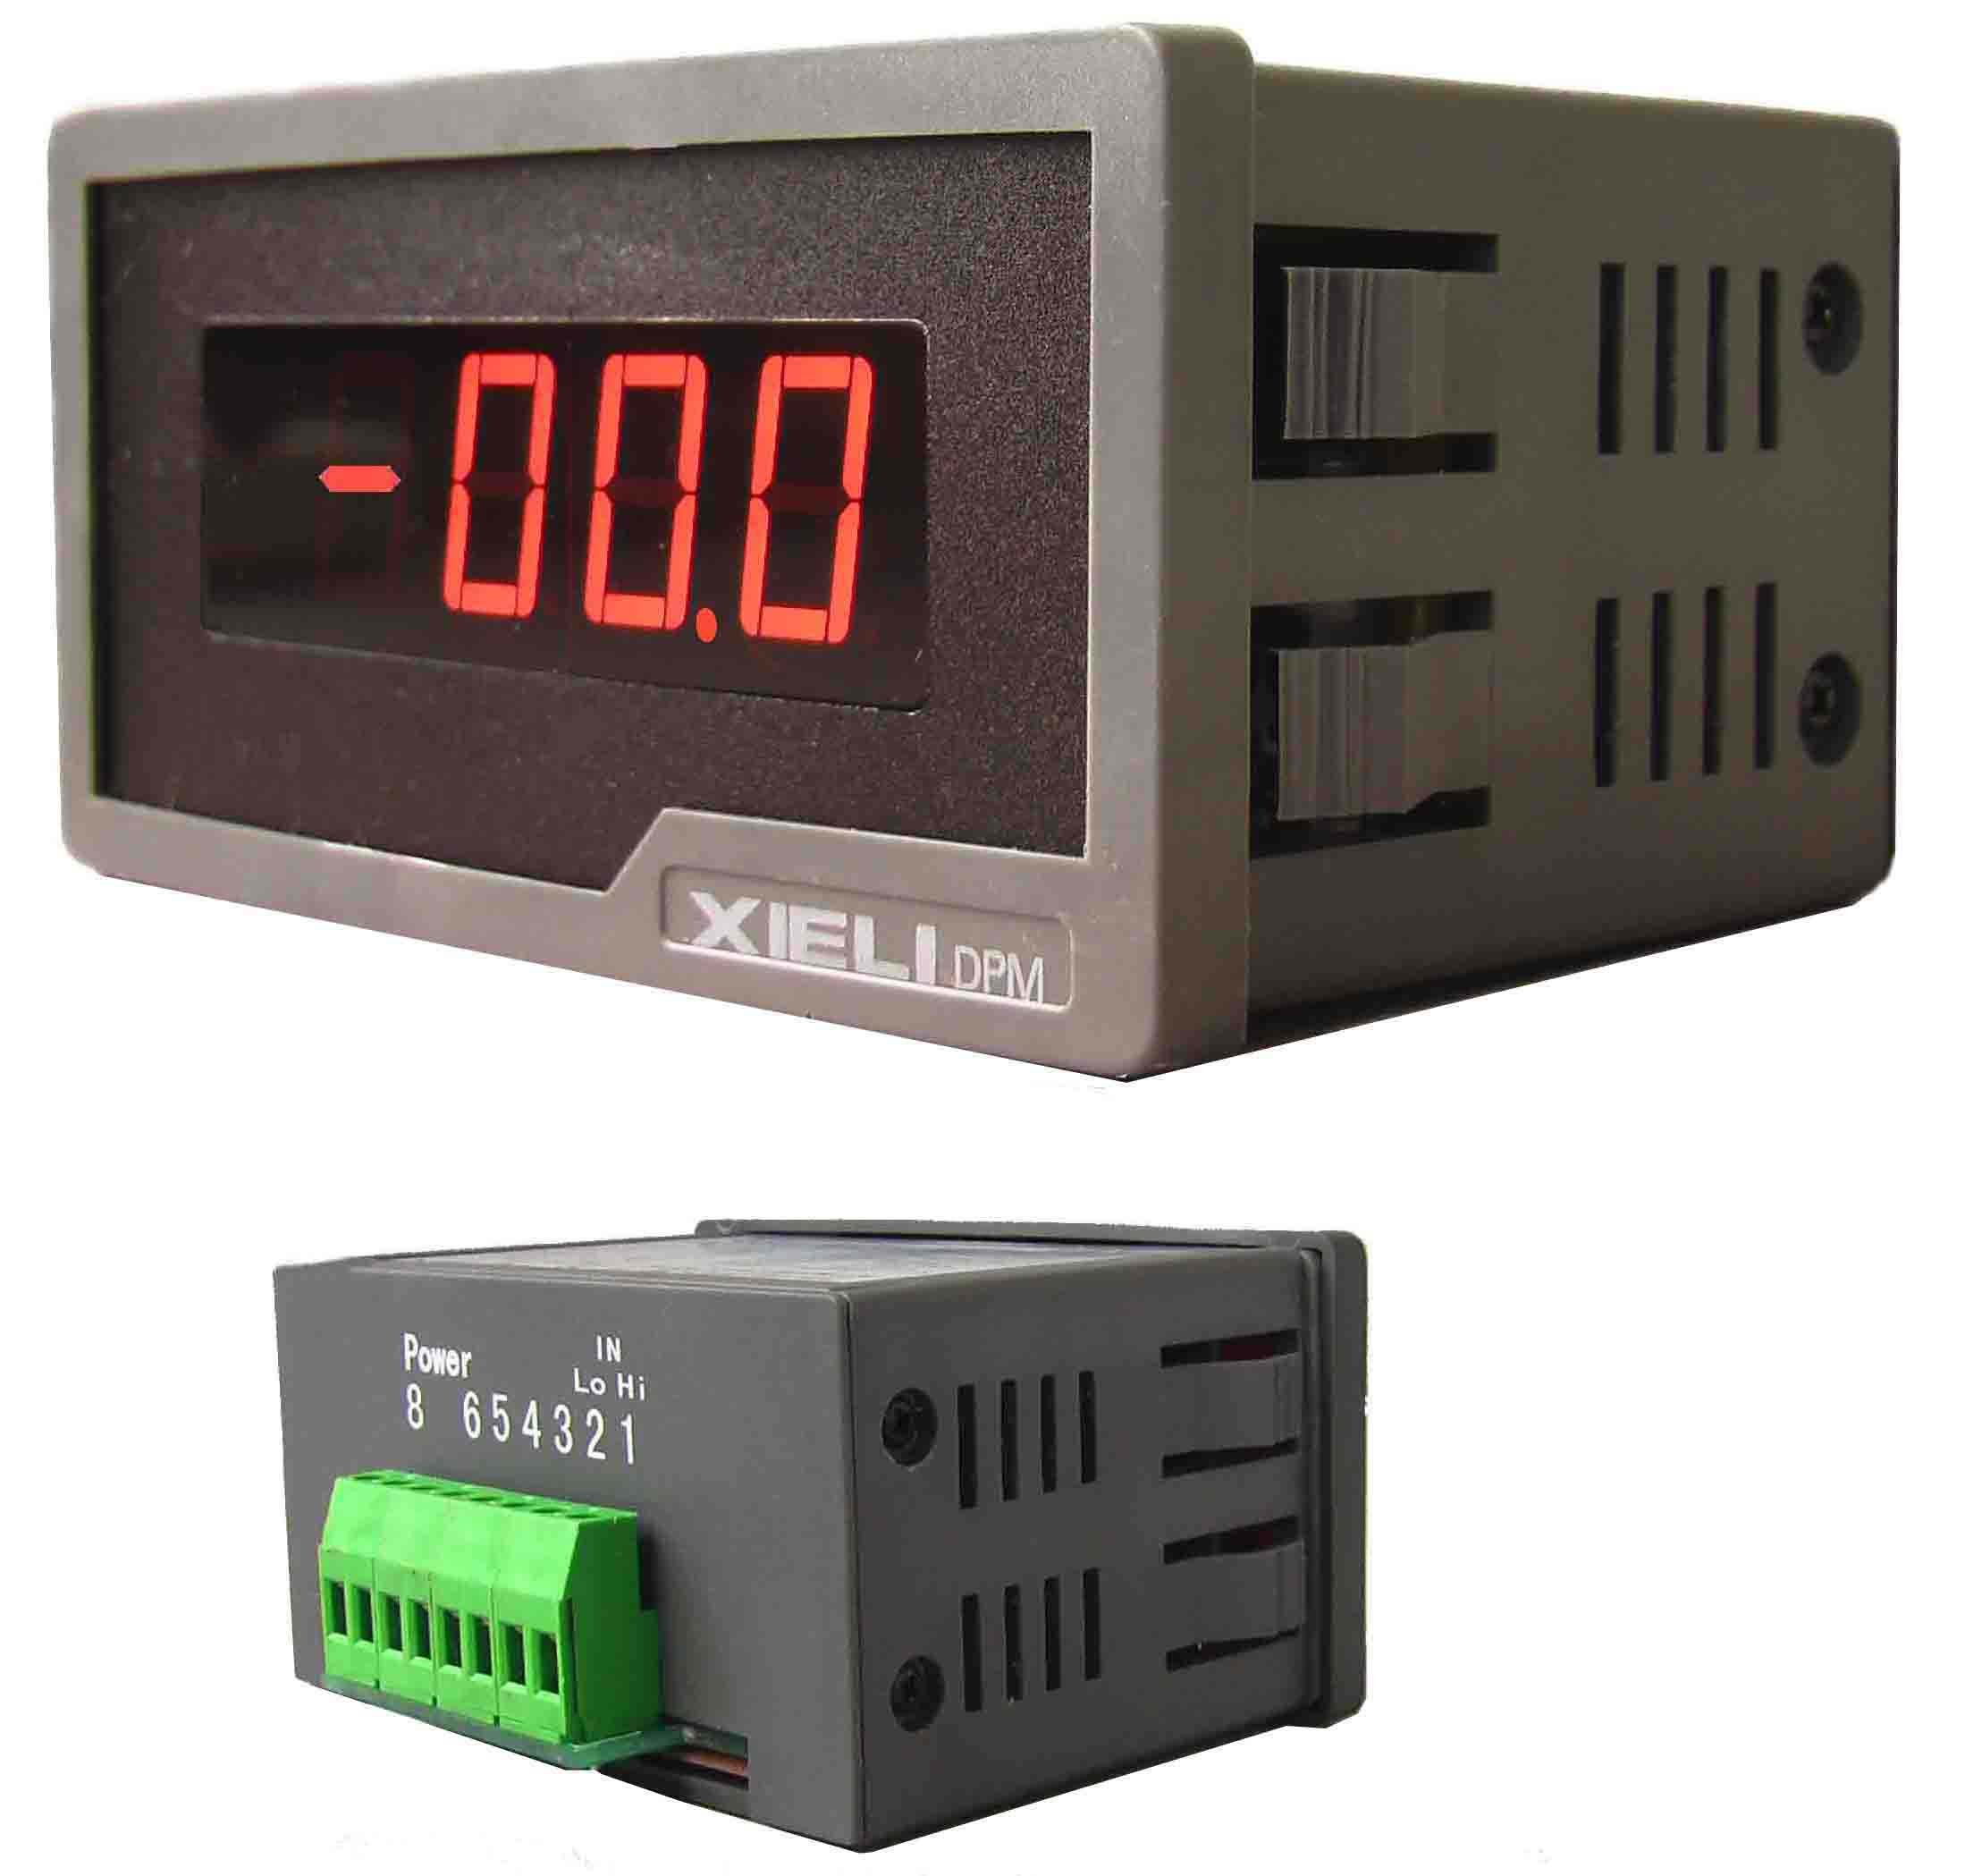 Digital Panel Meter : Rs digital ammeter voltmeter panel meter buy